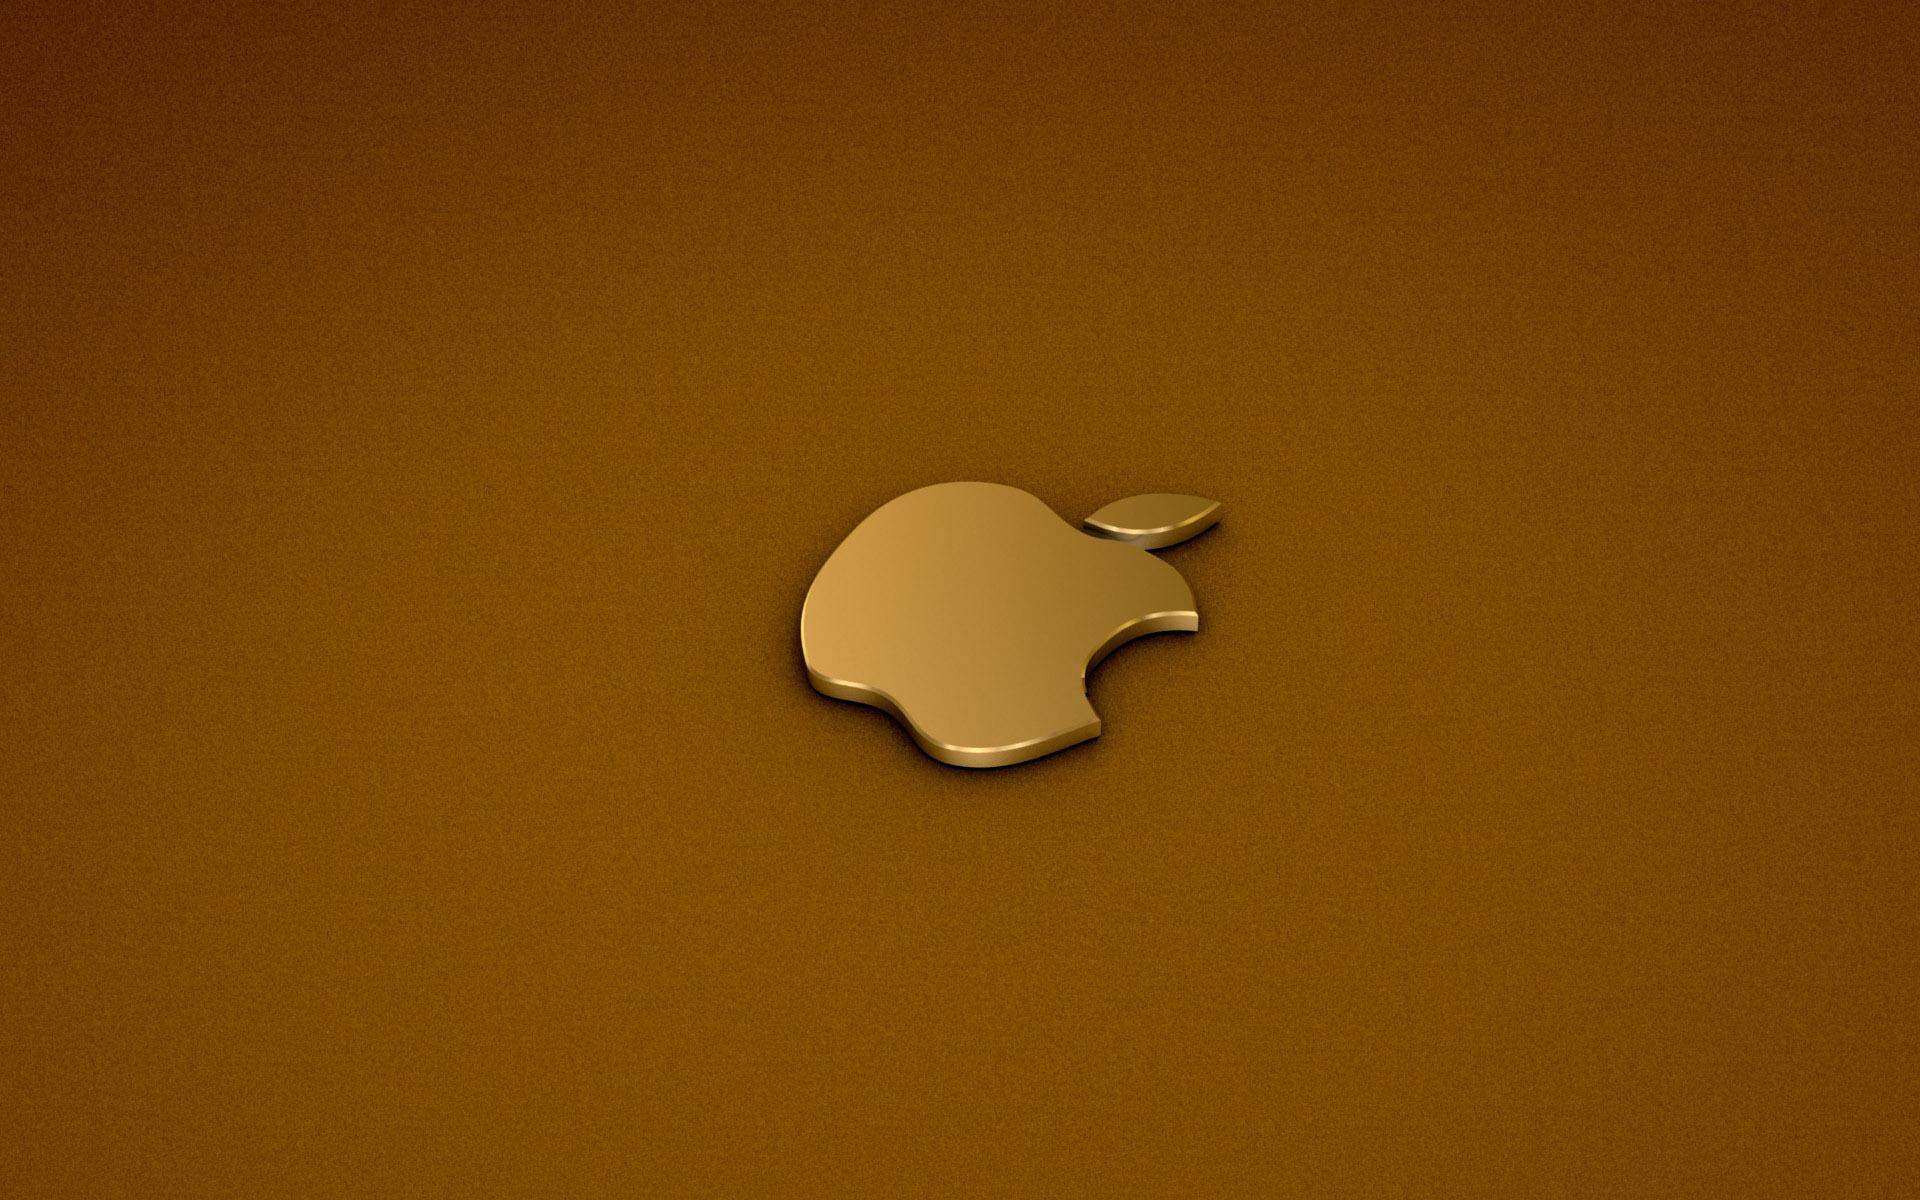 hd apple wallpaper | hd wallpapers pulse